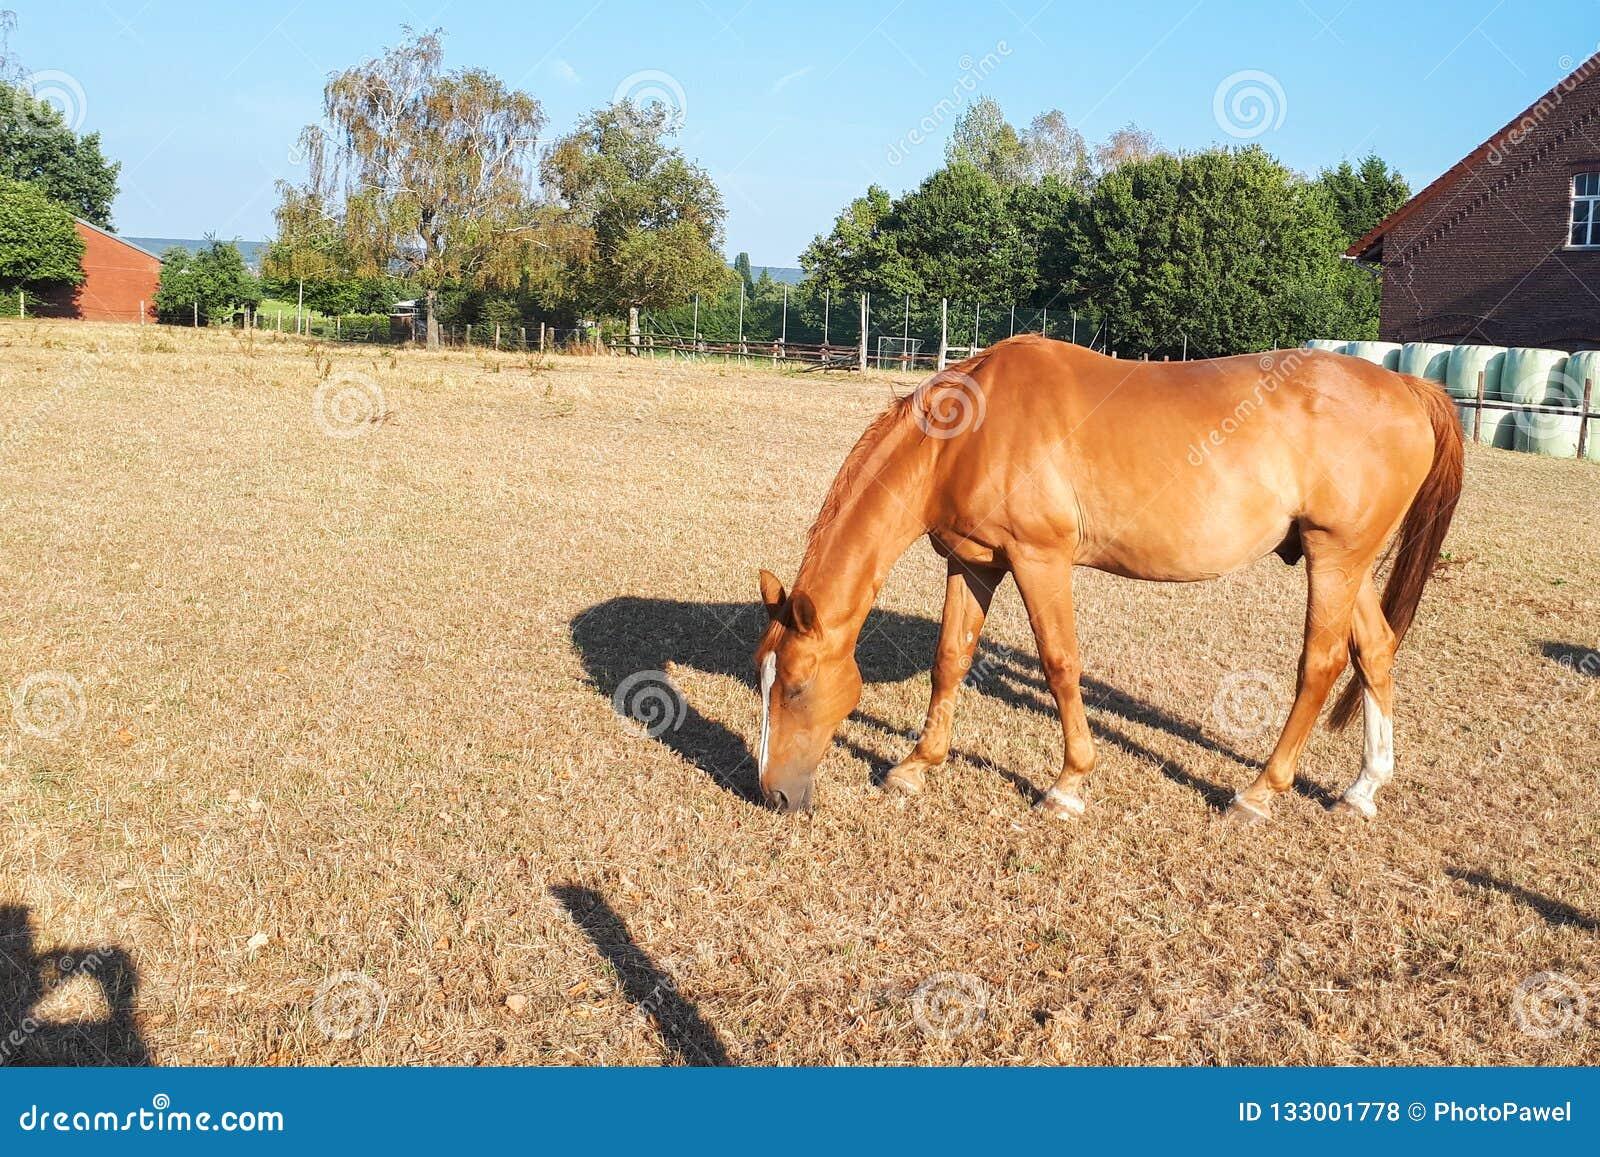 Il cavallo marrone chiaro pasce in un prato su un azienda agricola